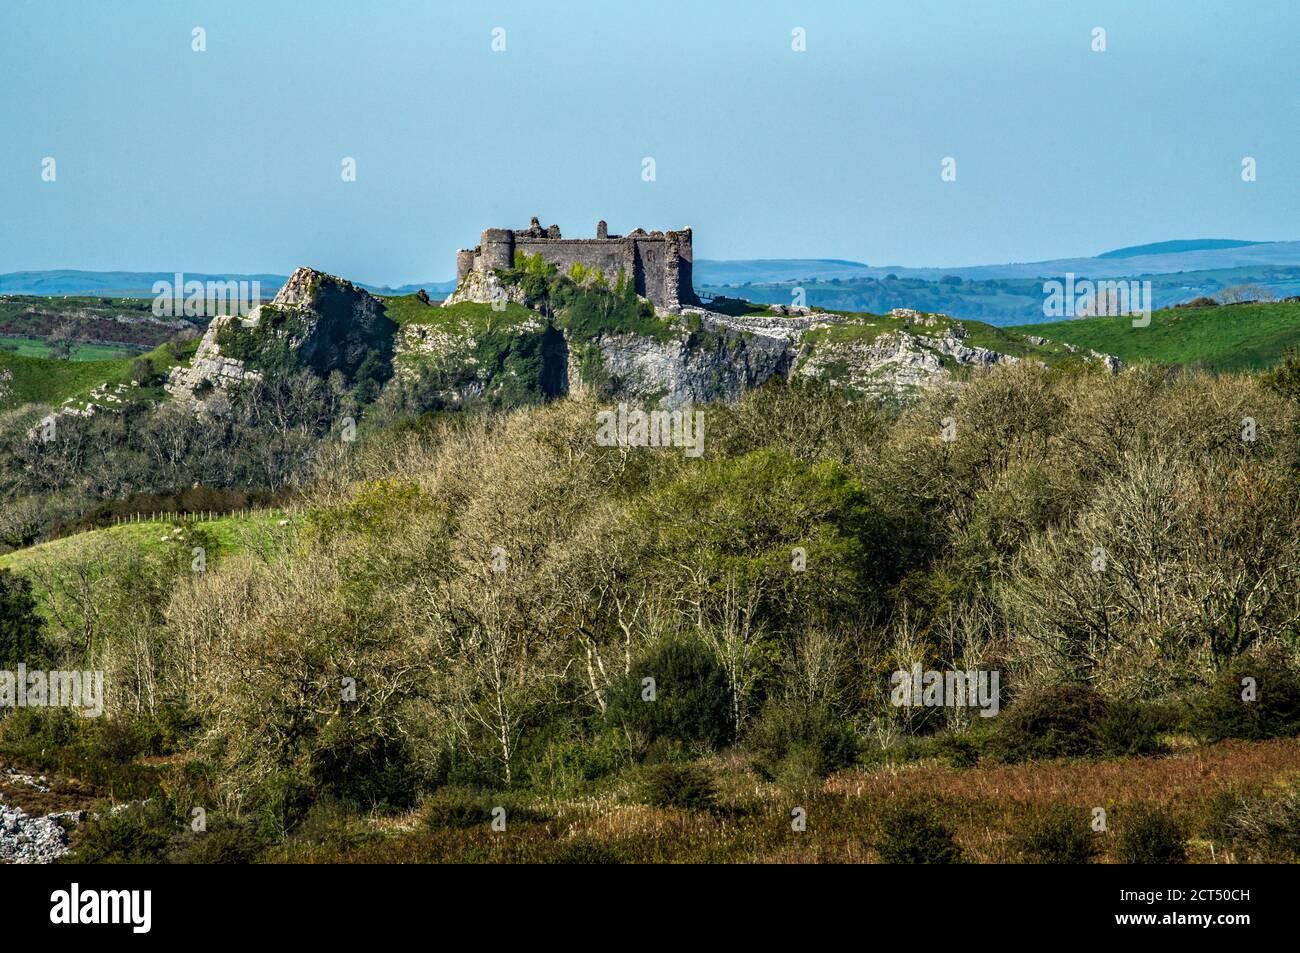 Castillo de Carreg Cennen en el Parque Nacional Brecon Beacons, Carmarthenshire, Gales Foto de stock